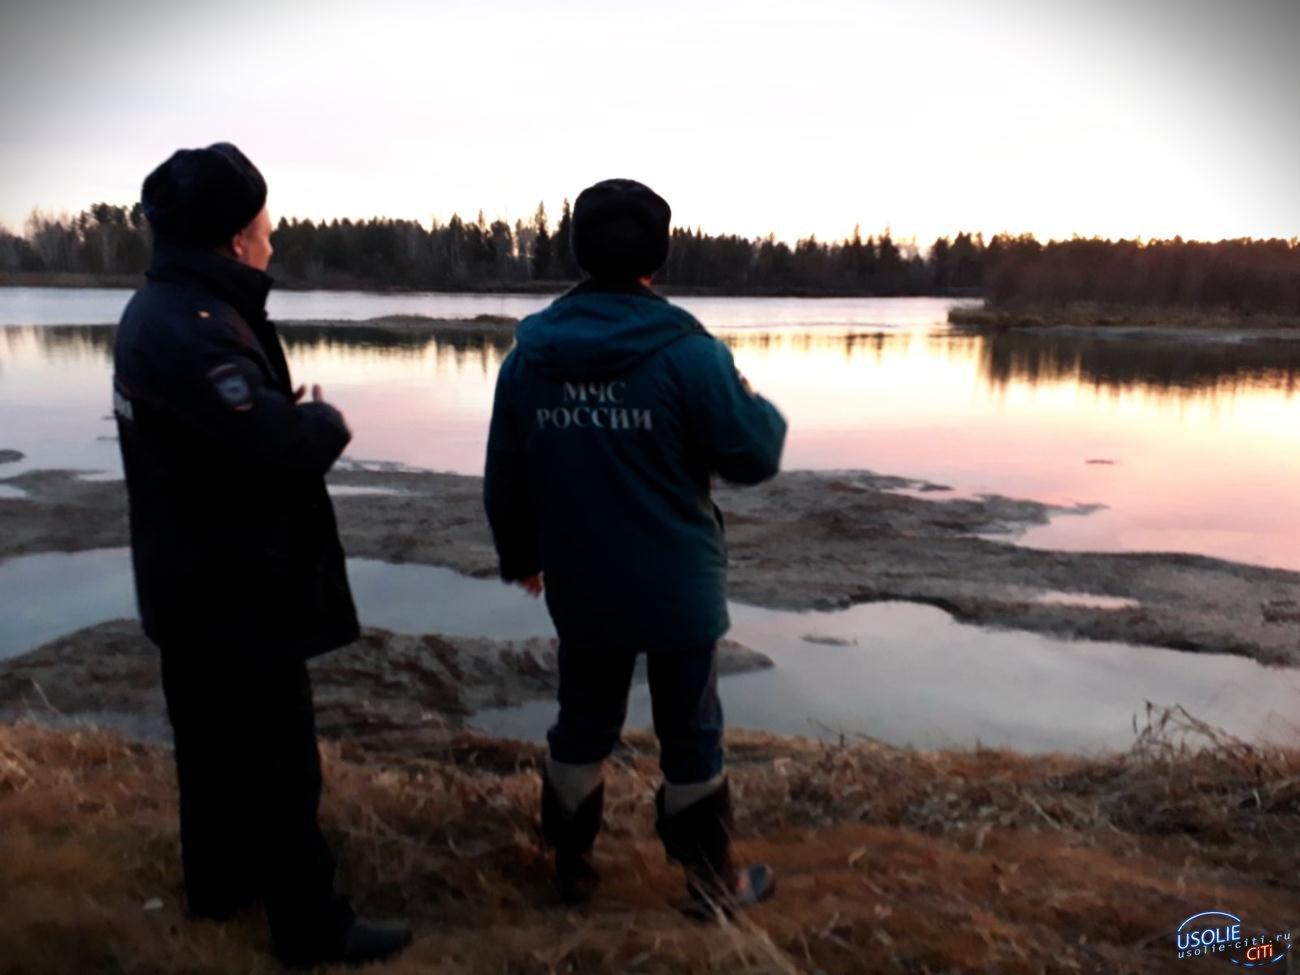 В Усольском районе из реки достали мёртвого рыбака с удочкой в руках